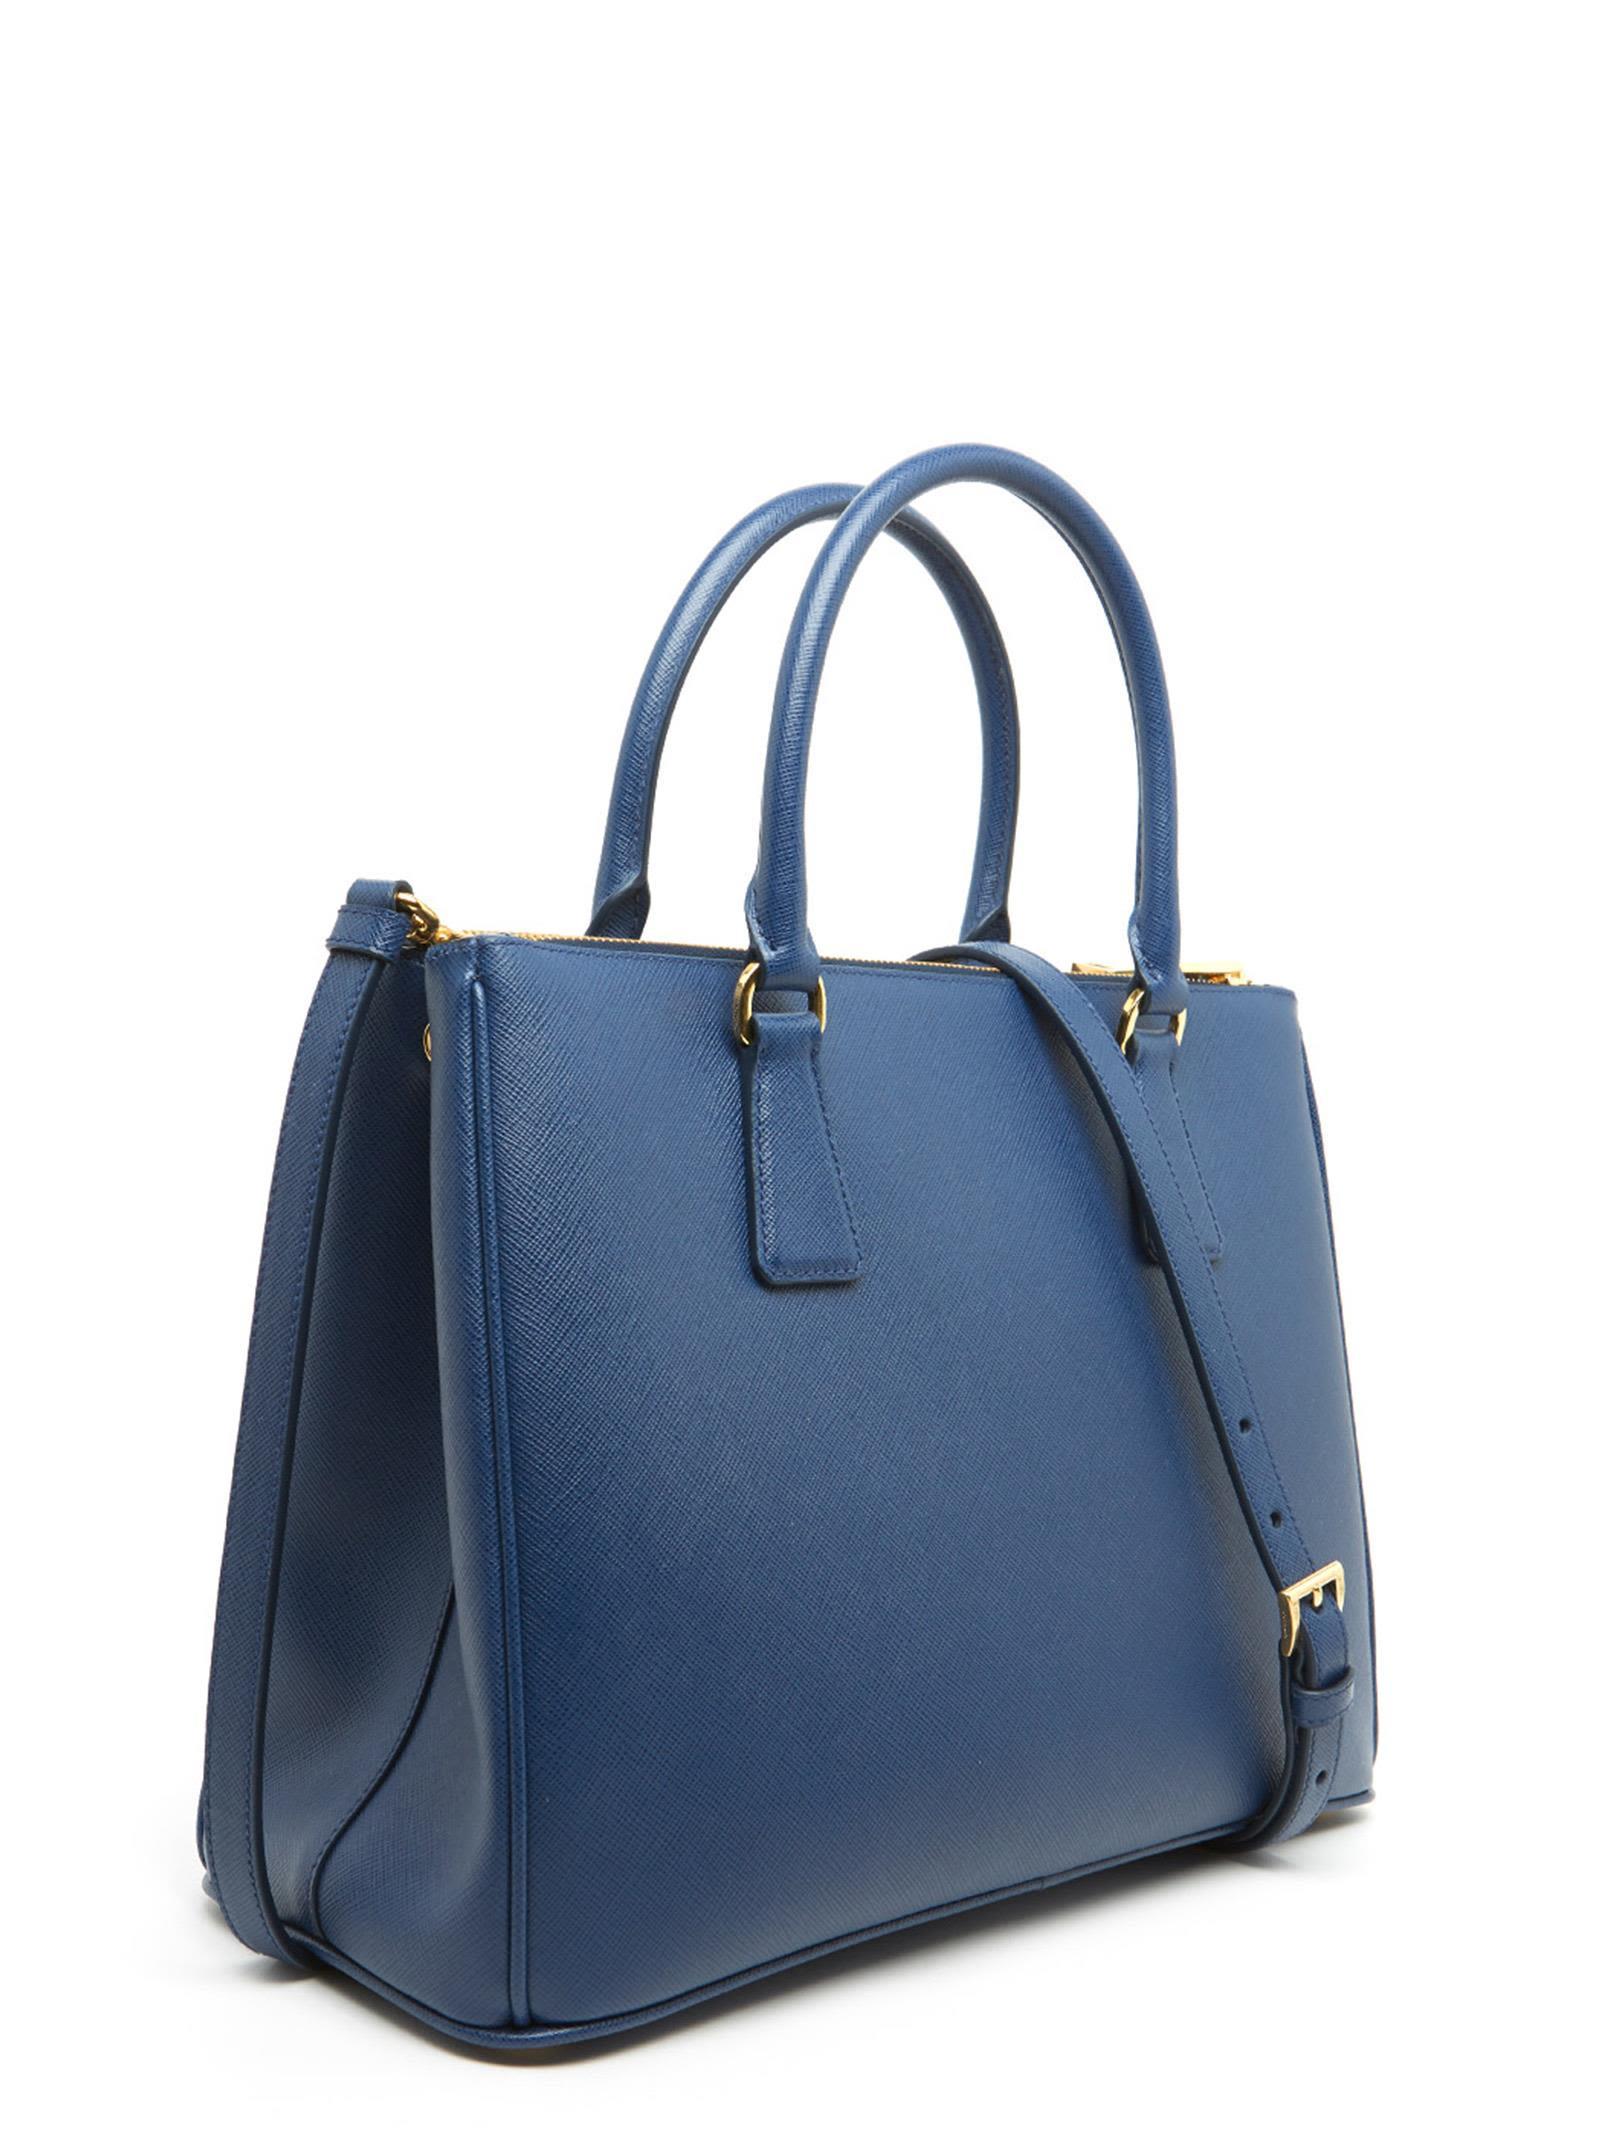 859304ebfbad ... greece prada galleria bag blue 5c73d 0533d